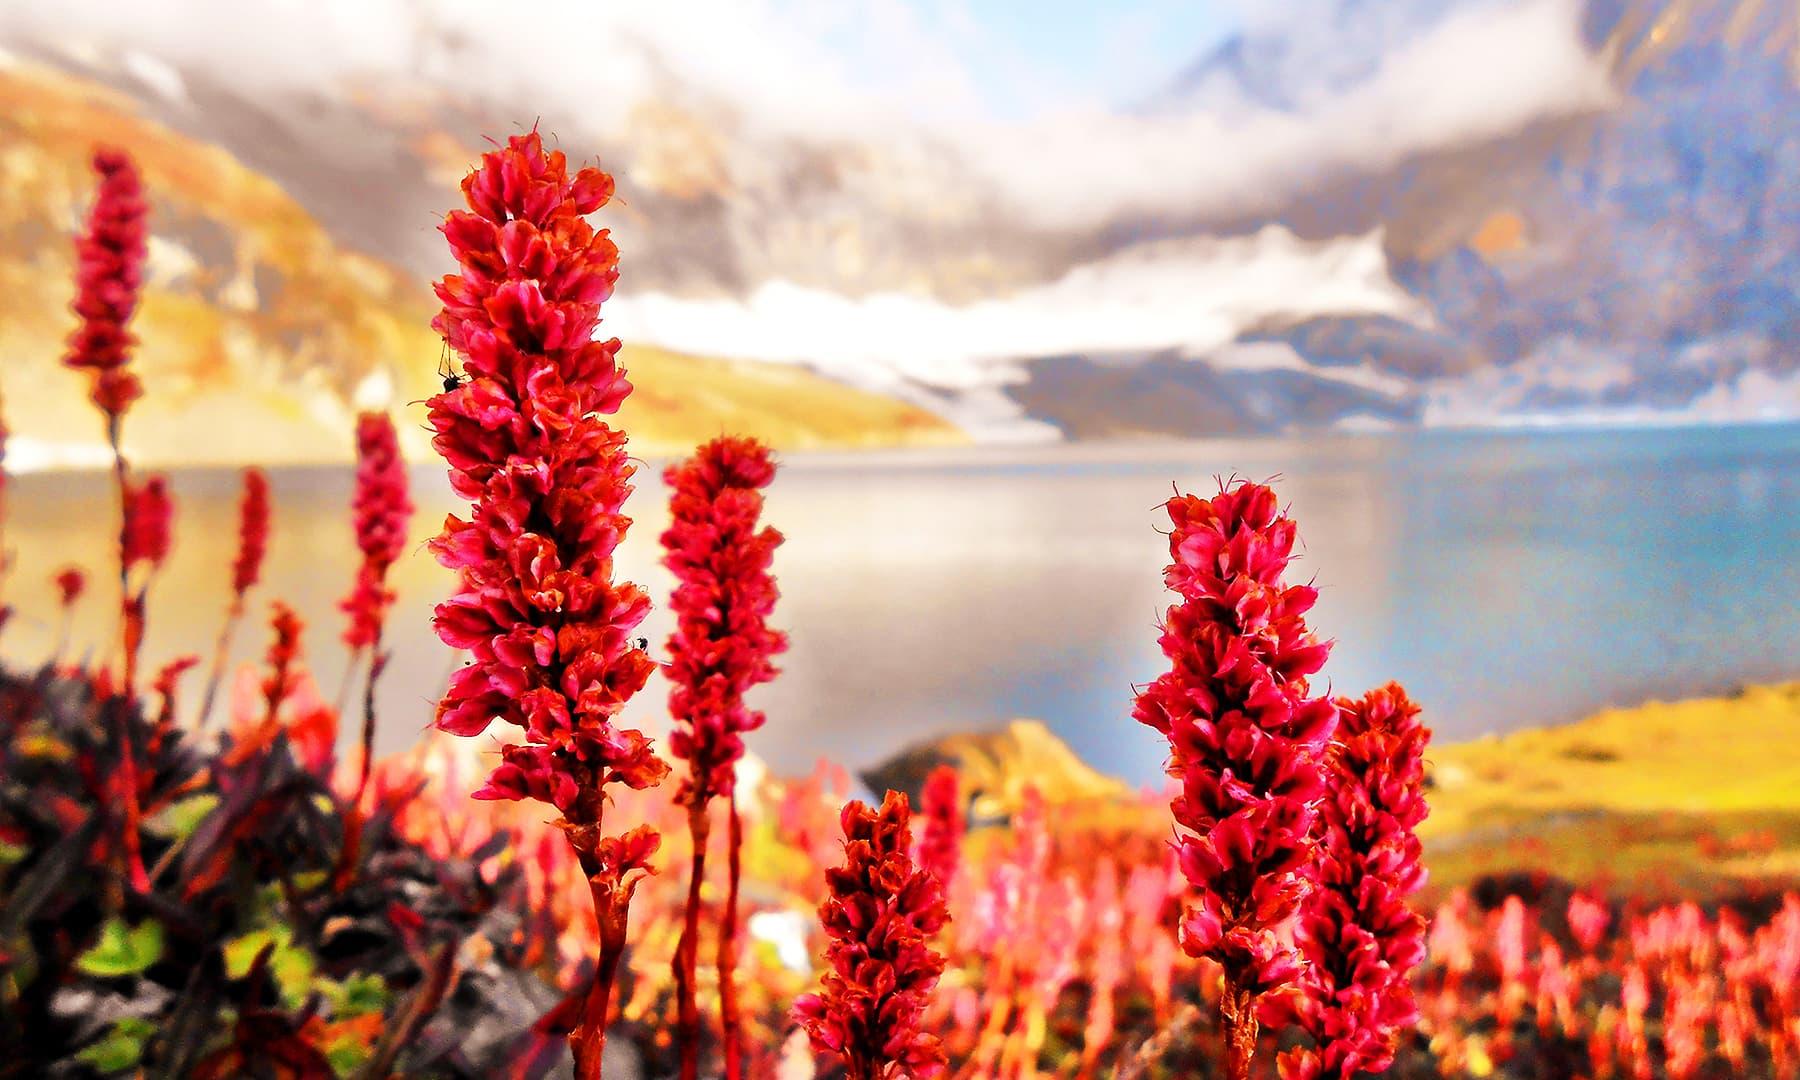 The Queen Lake of Kashmir, Ratti Gali Lake